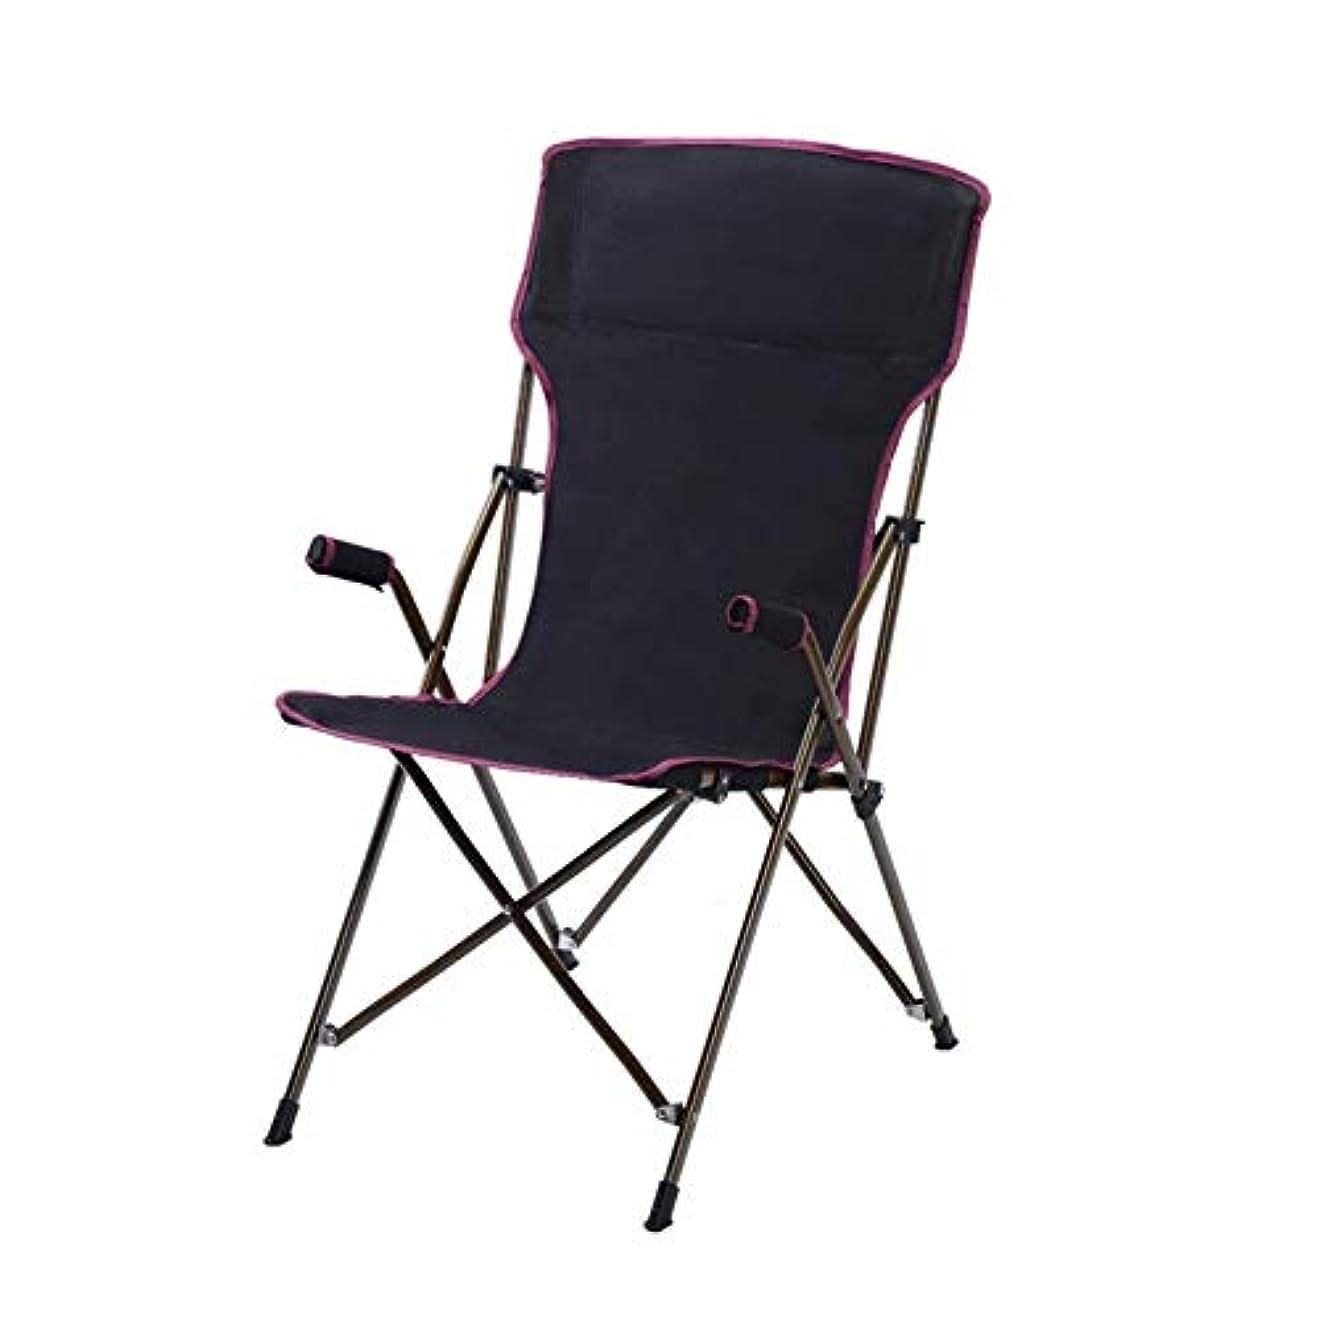 祭司蒸留するベーカリー携帯用キャンプチェアミディアムサイズ、アウトドアキャンプ用キャリーバッグ付き軽量バックパッキングチェア、ピクニック、ビーチ、フェスティバル